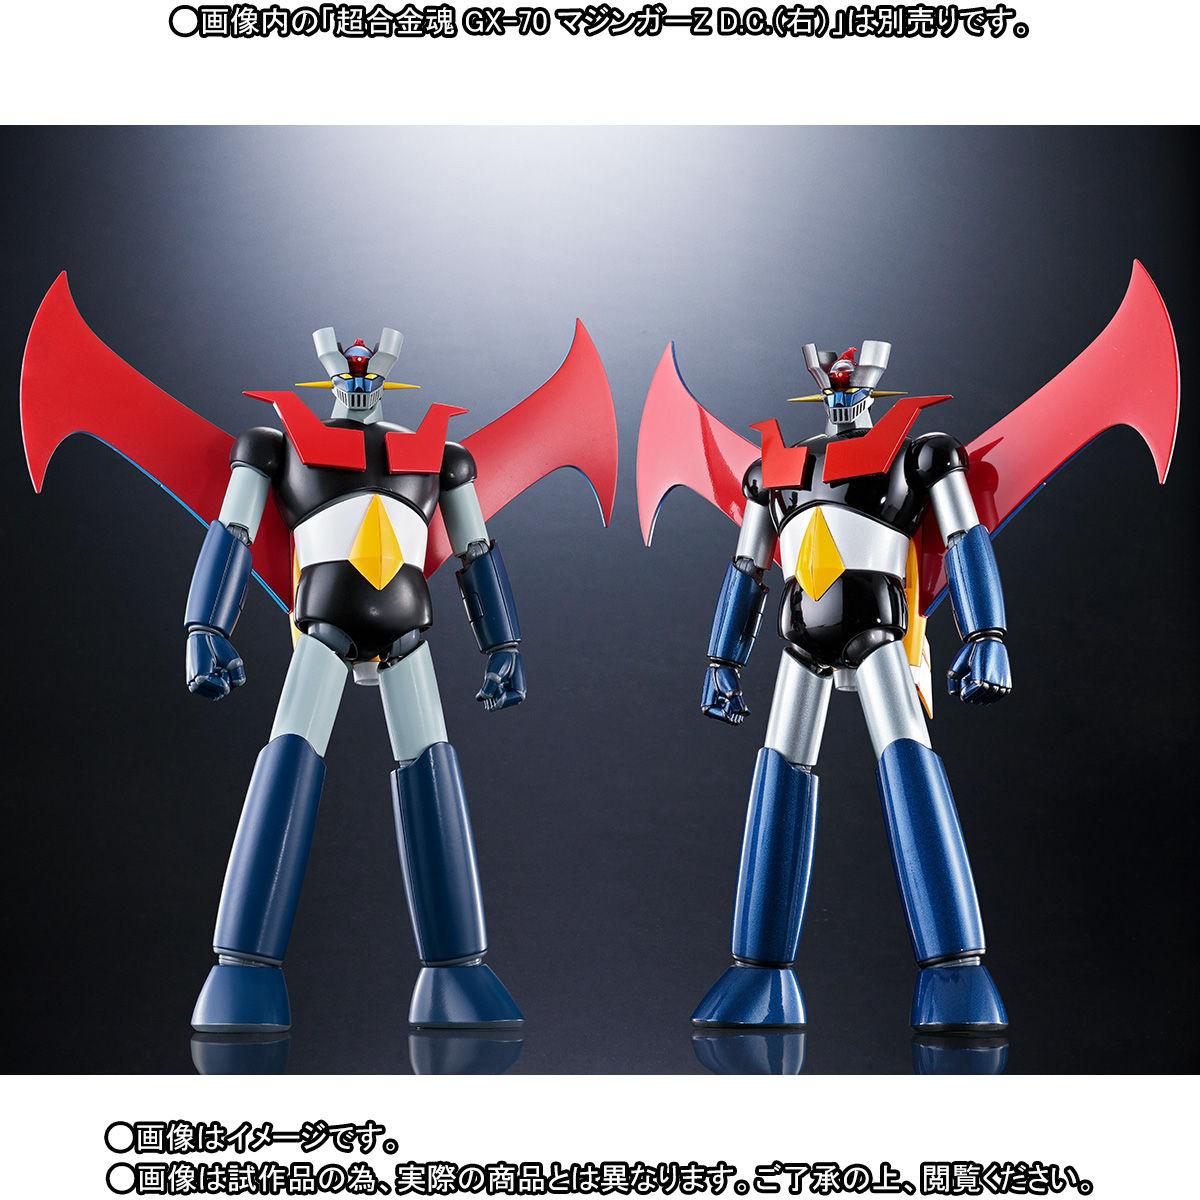 超合金魂 GX-70SP『マジンガーZ D.C. アニメカラーバージョン』可動フィギュア-009